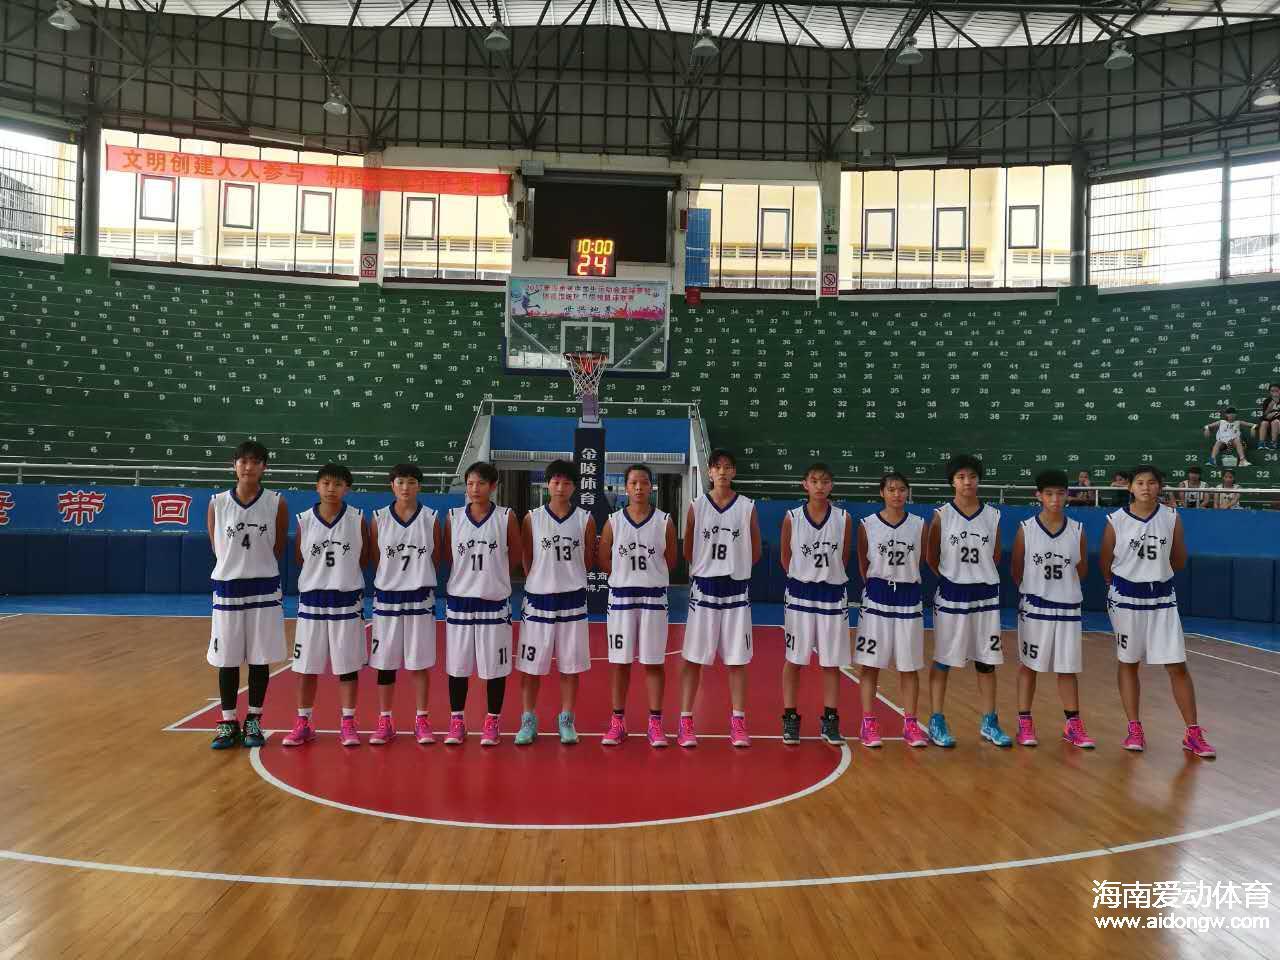 省中学生篮球赛女子组小组赛战罢:海口一中、澄迈中学高居各组榜首